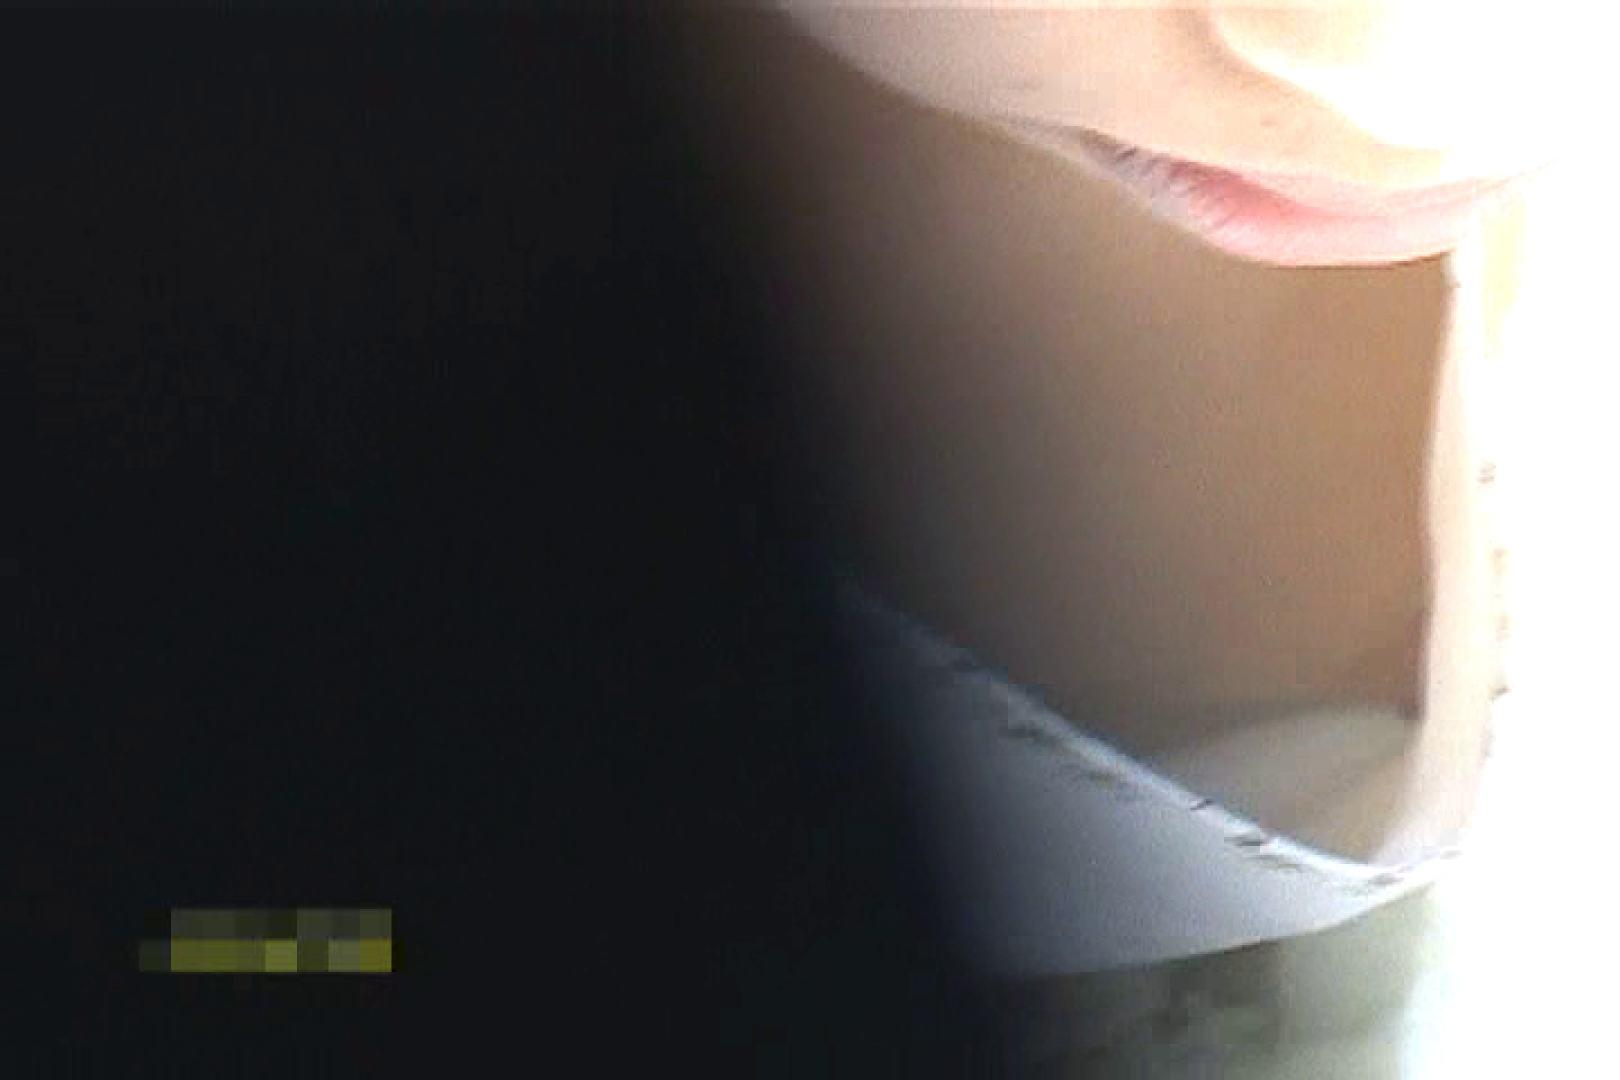 徘徊撮り!!街で出会った乳首たちVol.1 チクビ   チラ  59画像 13